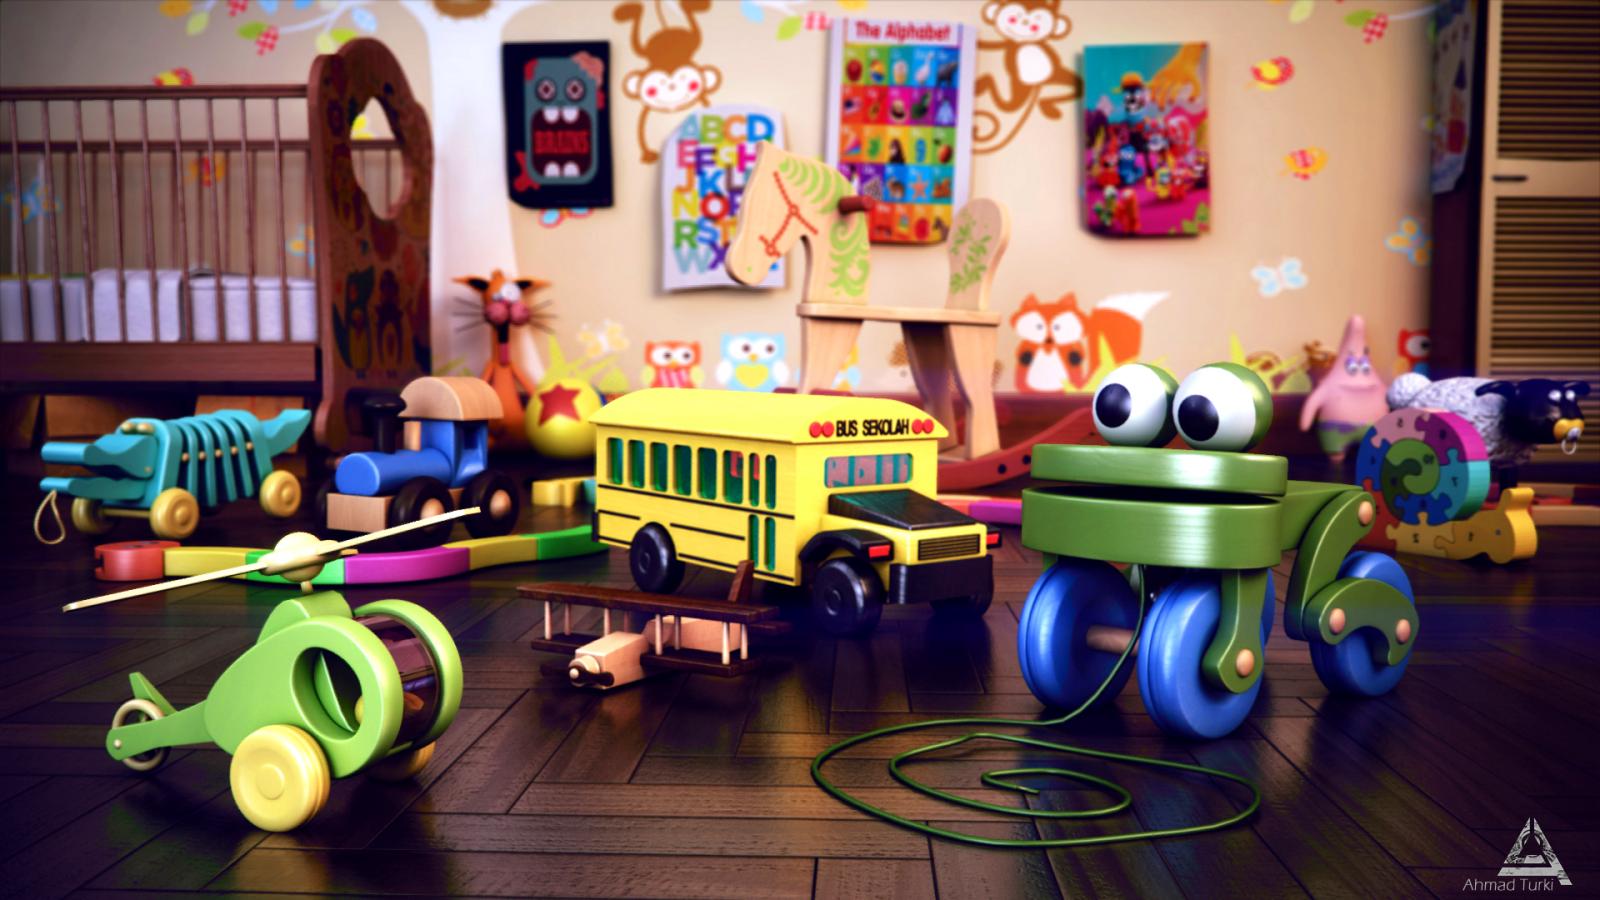 Картинка детской комнаты с игрушками, надписью ольга сергеевна